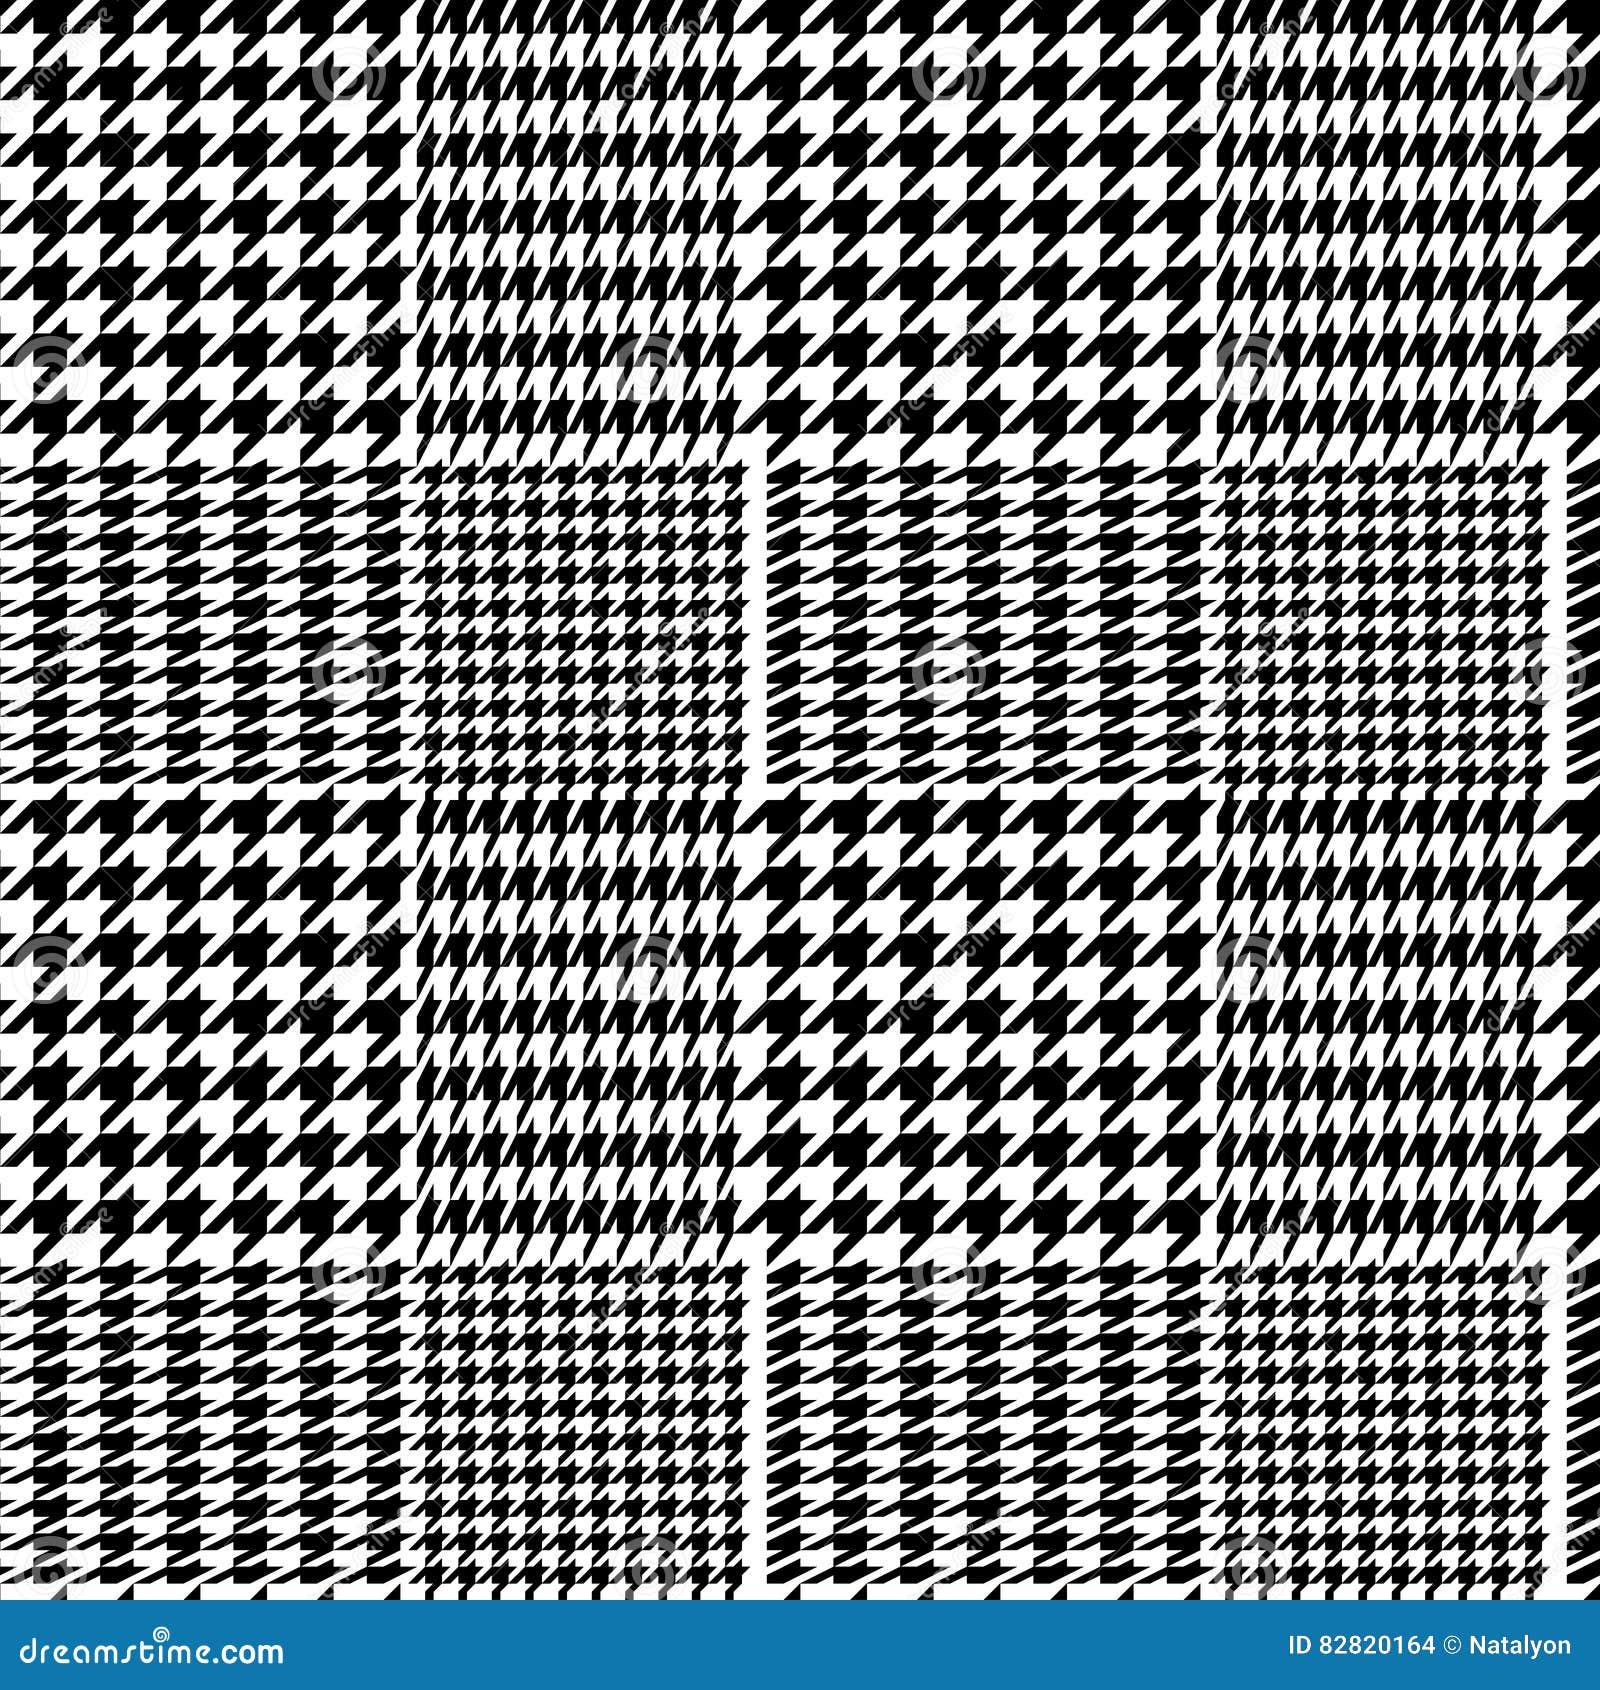 mod le sans couture de plaid g om trique de pied de poule en noir et blanc vecteur illustration. Black Bedroom Furniture Sets. Home Design Ideas